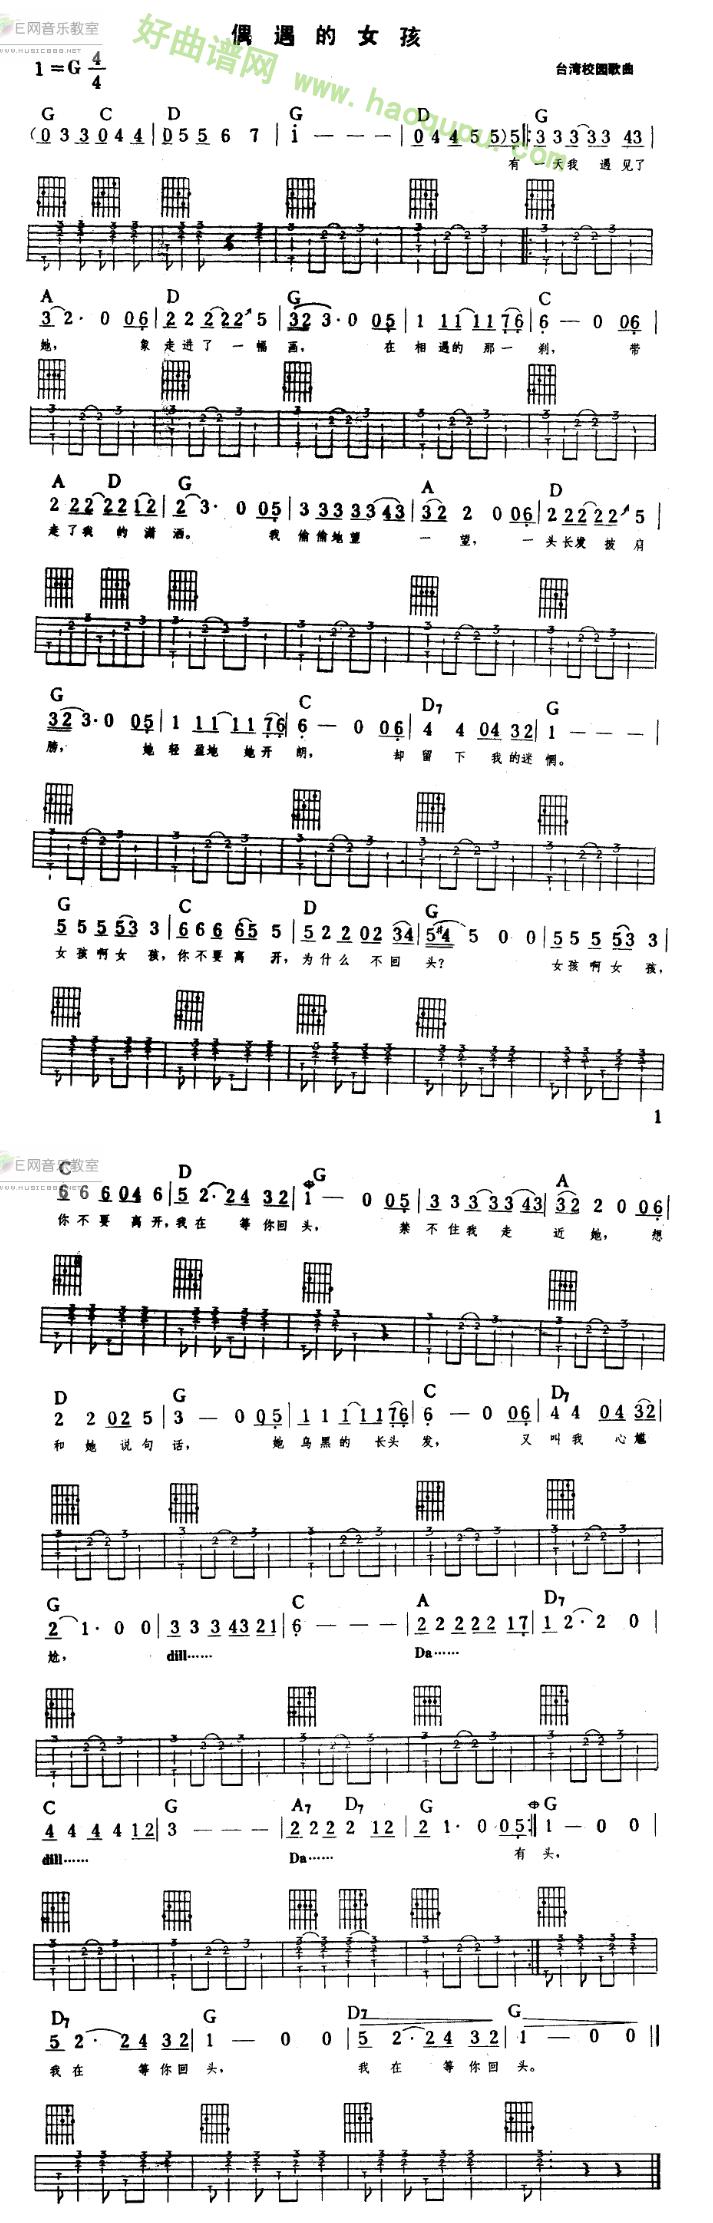 尤克里里天空之城简易版曲谱